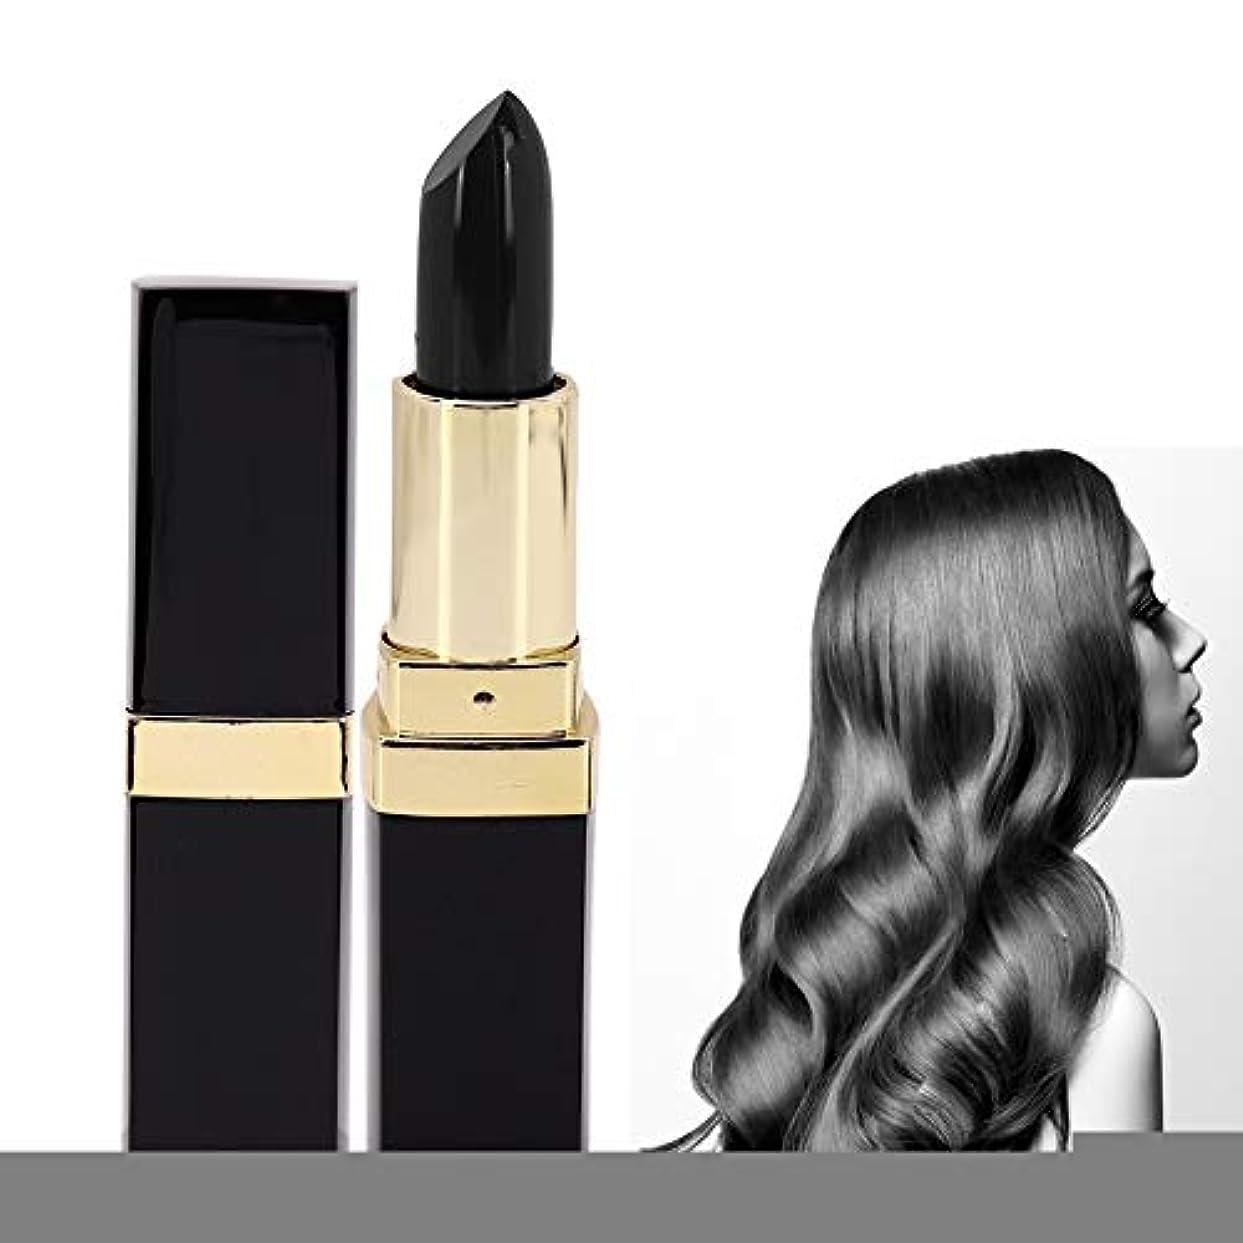 とんでもない連続的重なる使い捨ての髪の色は鉛筆スティック美容ツールを変更します(褐色), 使い捨てポータブル口紅の形の染料の髪の色は、鉛筆スティック美容ツールを変更します(茶色)